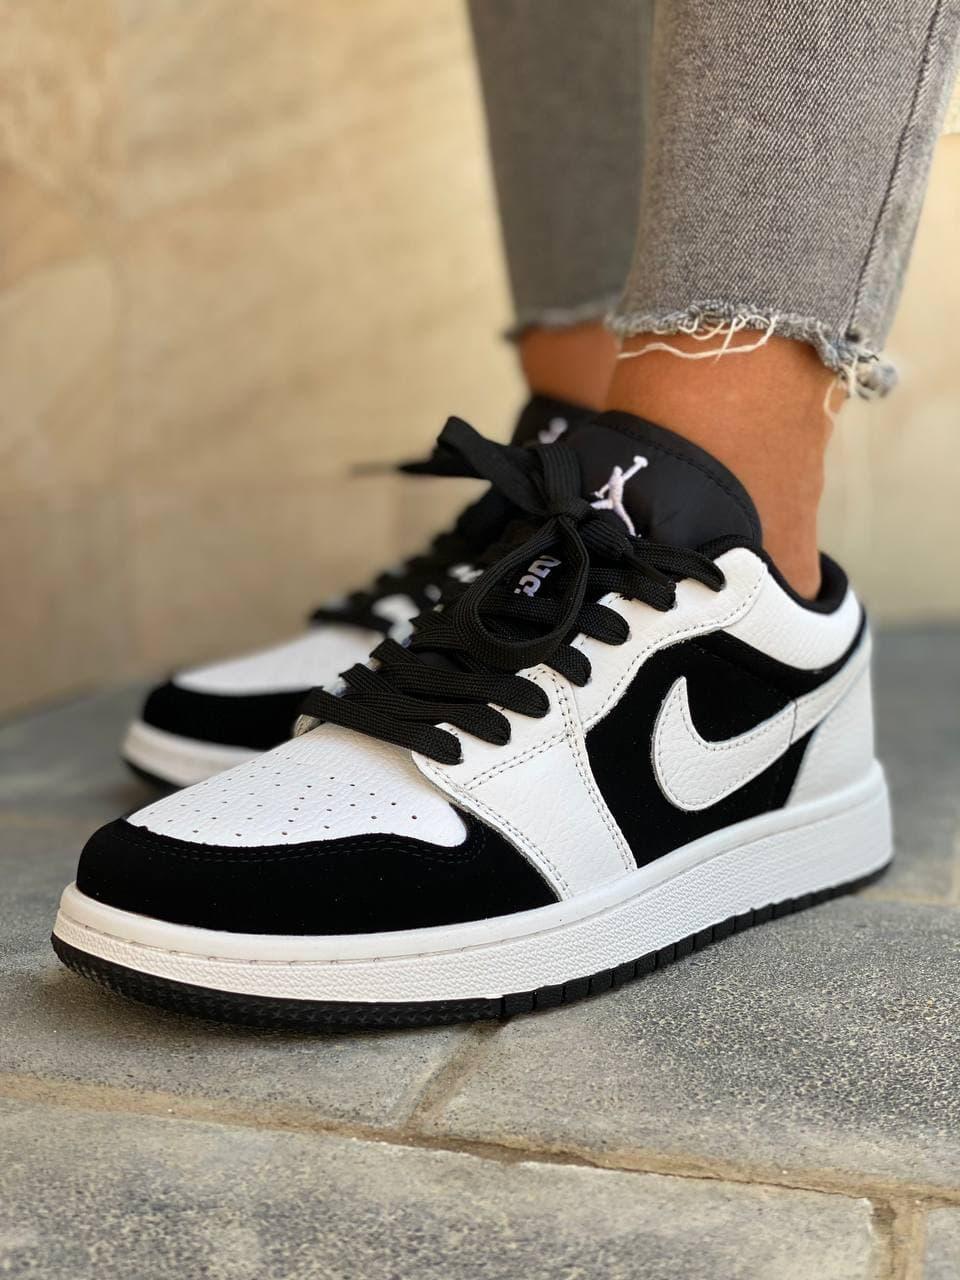 Кросівки жіночі чорно-білі. Жіночі стильні кросівки чорно-білого кольору.